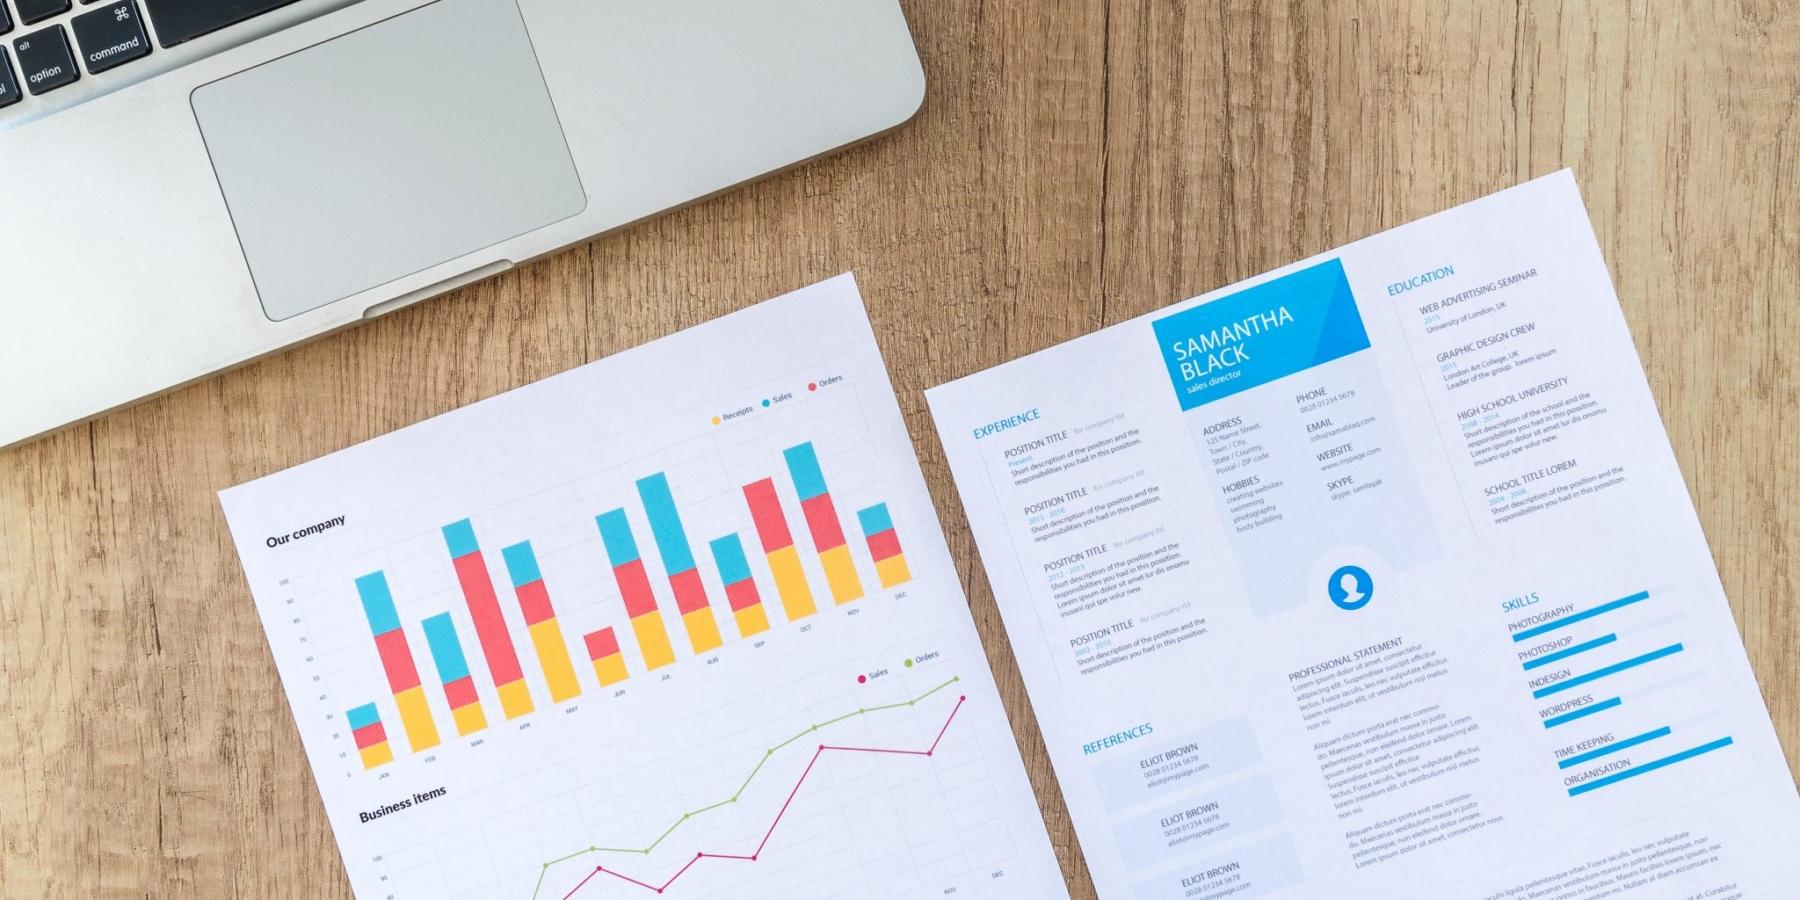 Przeczytaliśmy zaciebie raport Gemiusa oe-commerce wPL: 3 najważniejsze wnioski